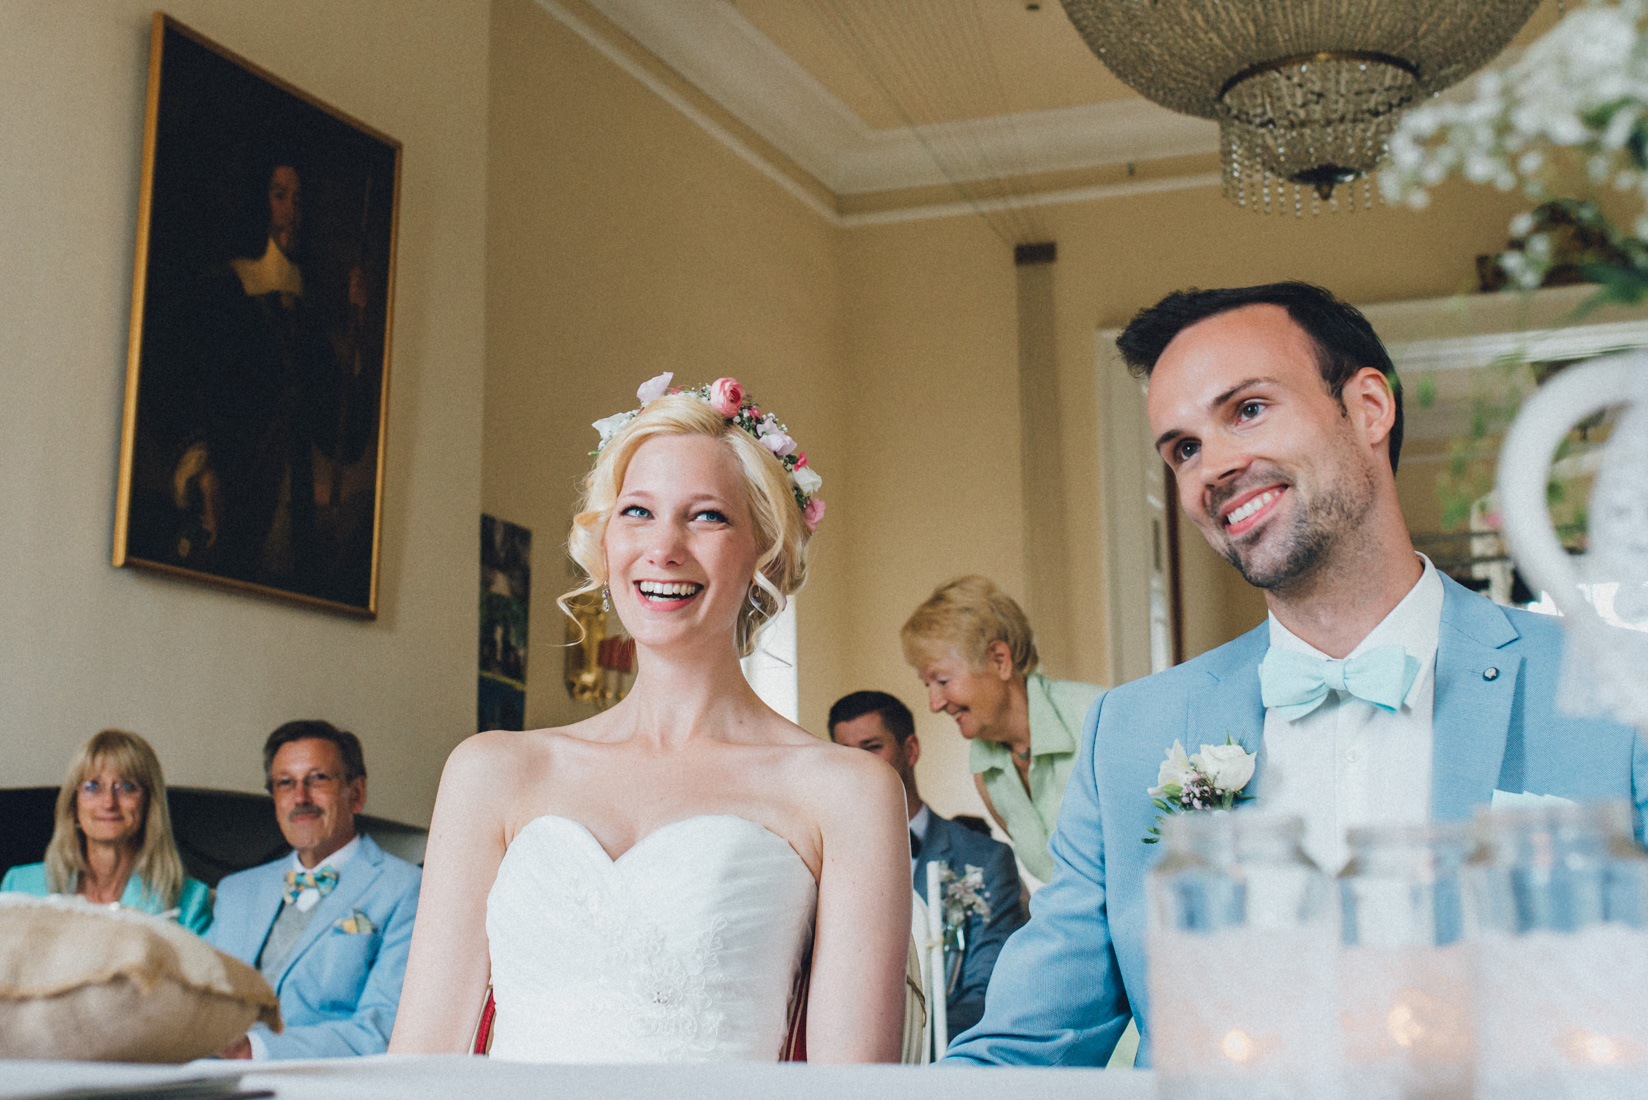 pastel-vintage-hertefeld-64 hochzeitsfotograf schloss hertefeldGalina & Robert DIY Pastel Vintage Hochzeit auf Schloss Hertefeldpastel vintage hertefeld 64